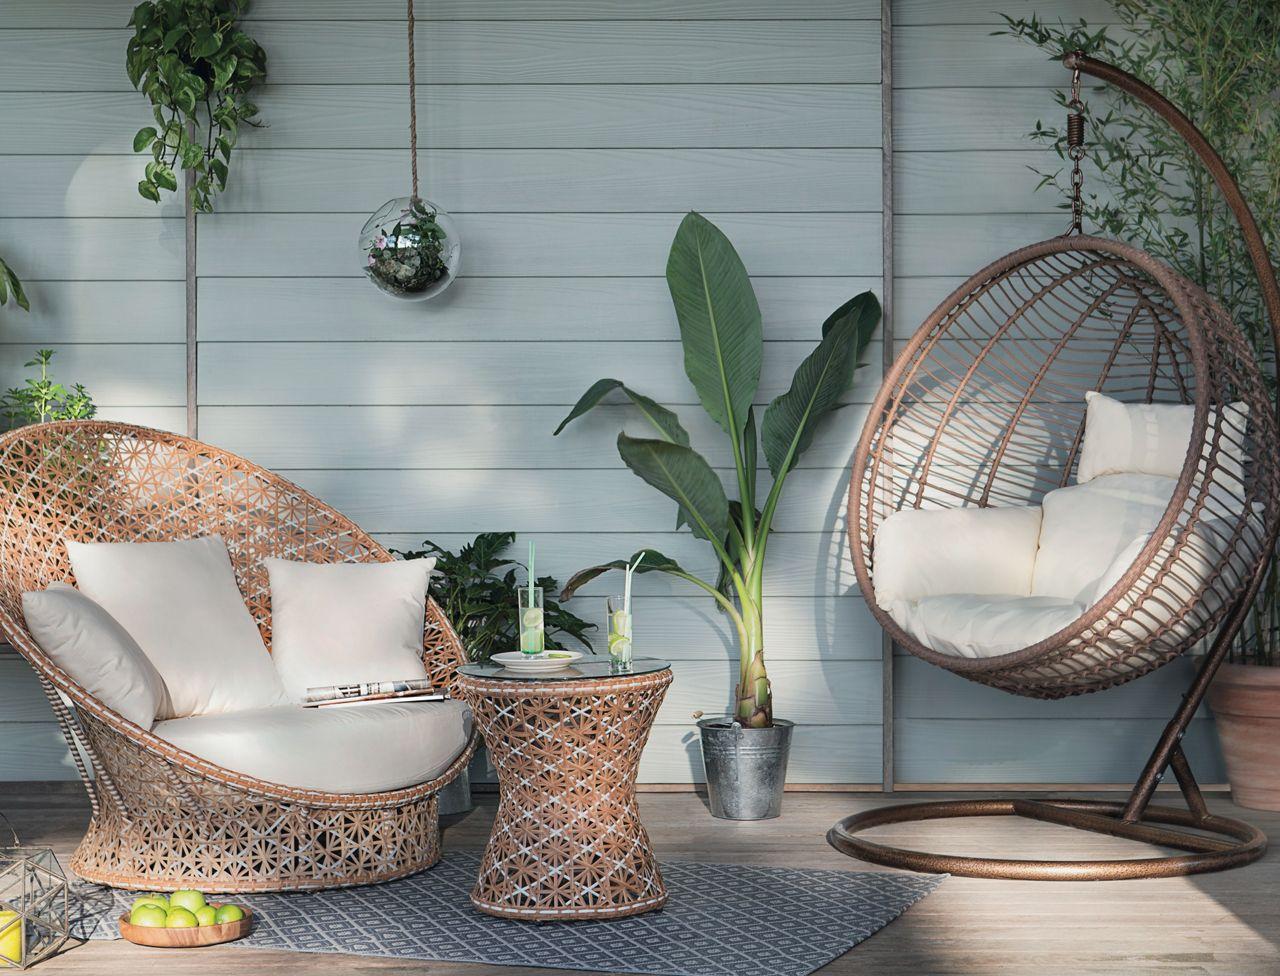 Salon de jardin design, nature ou coloré : les nouveautés 2016 ...